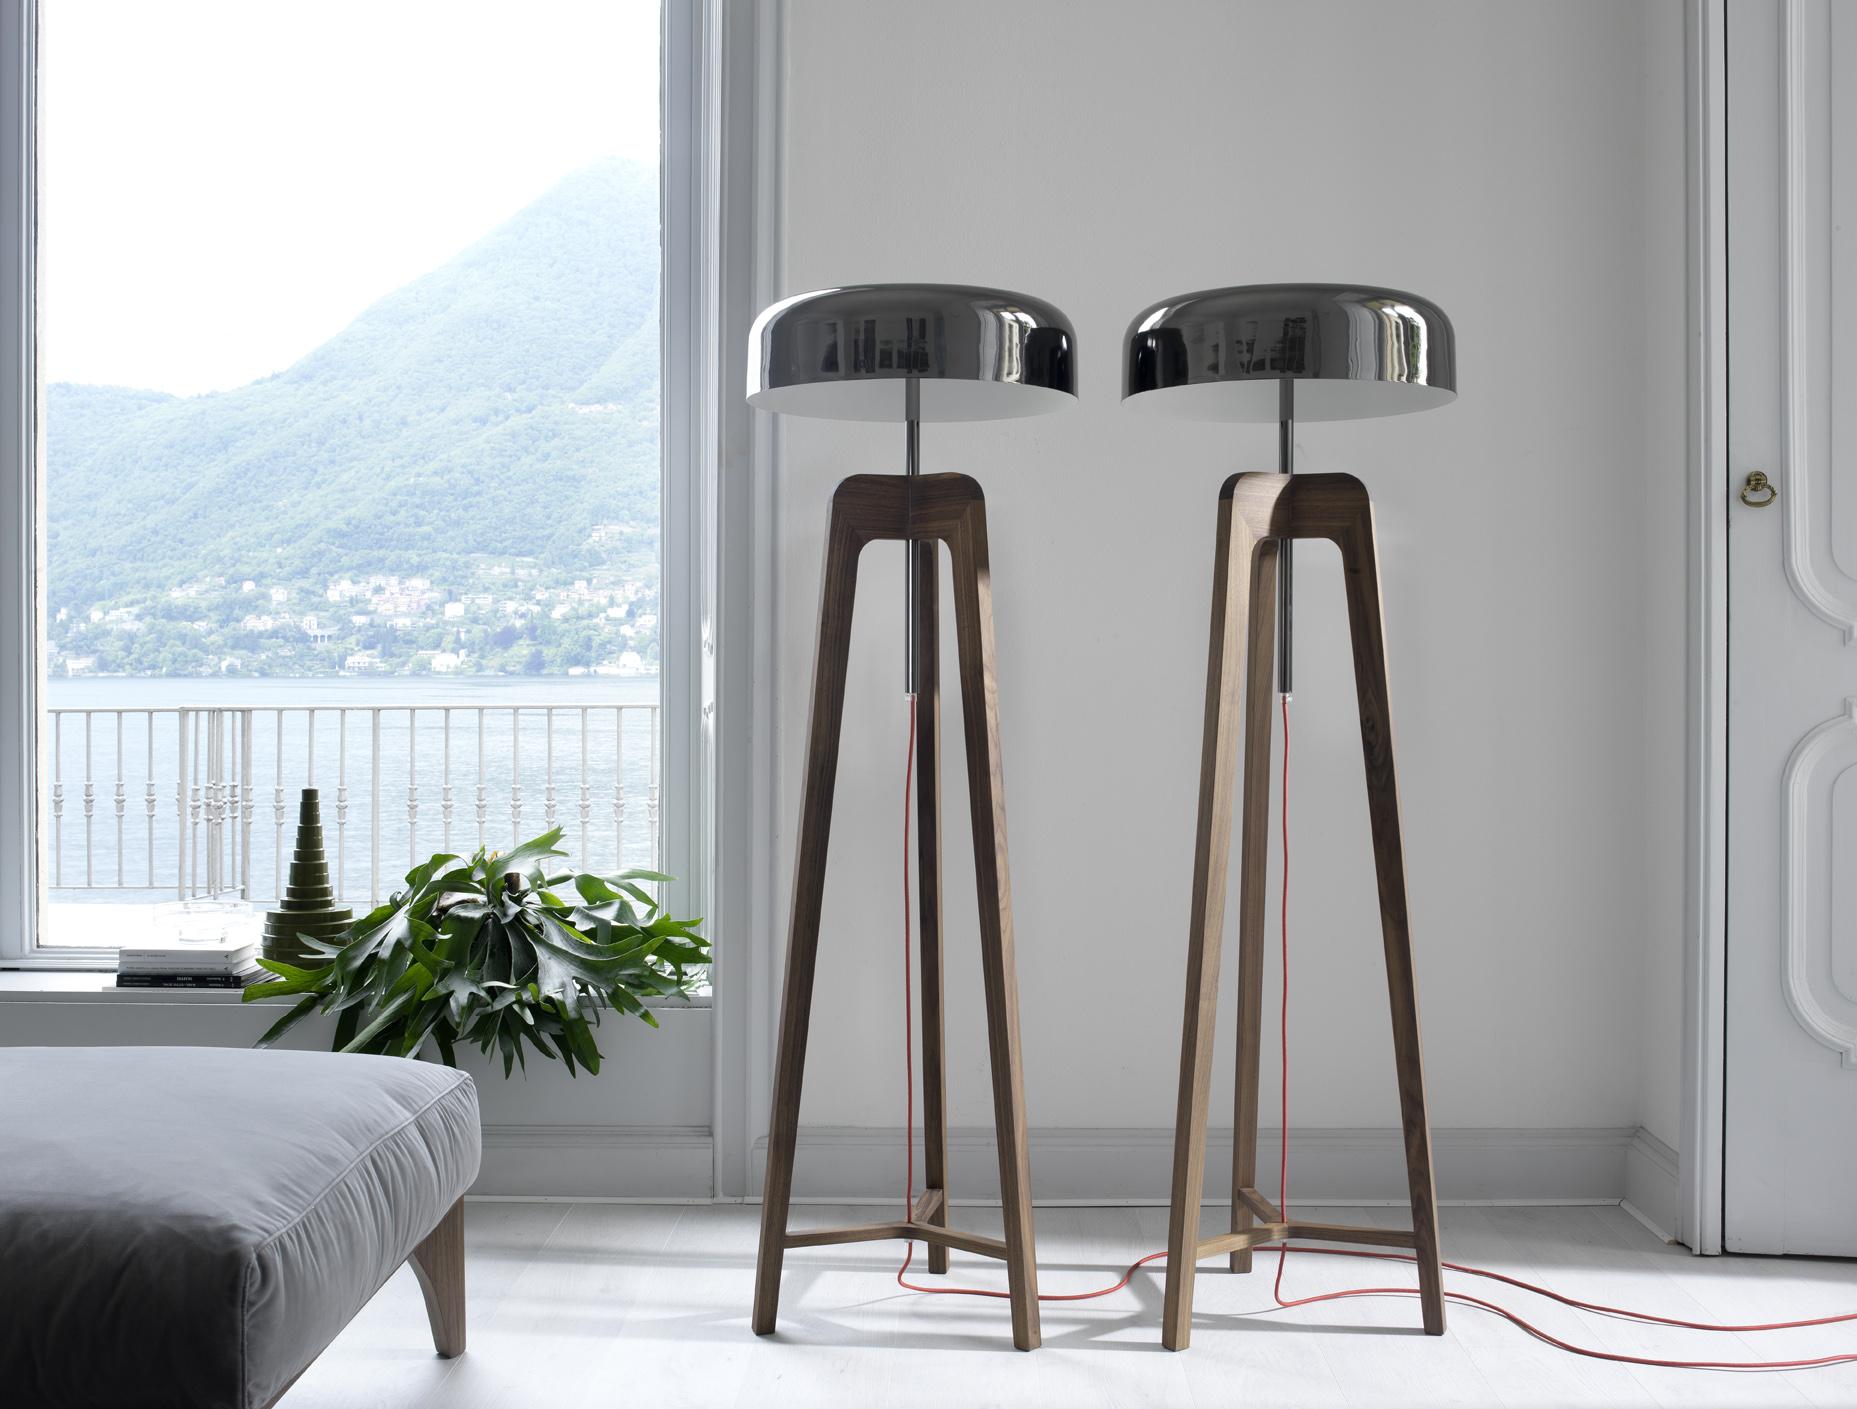 Lampadario In Legno Design : Lampadario legno e ottone in tessin kaufen tutti